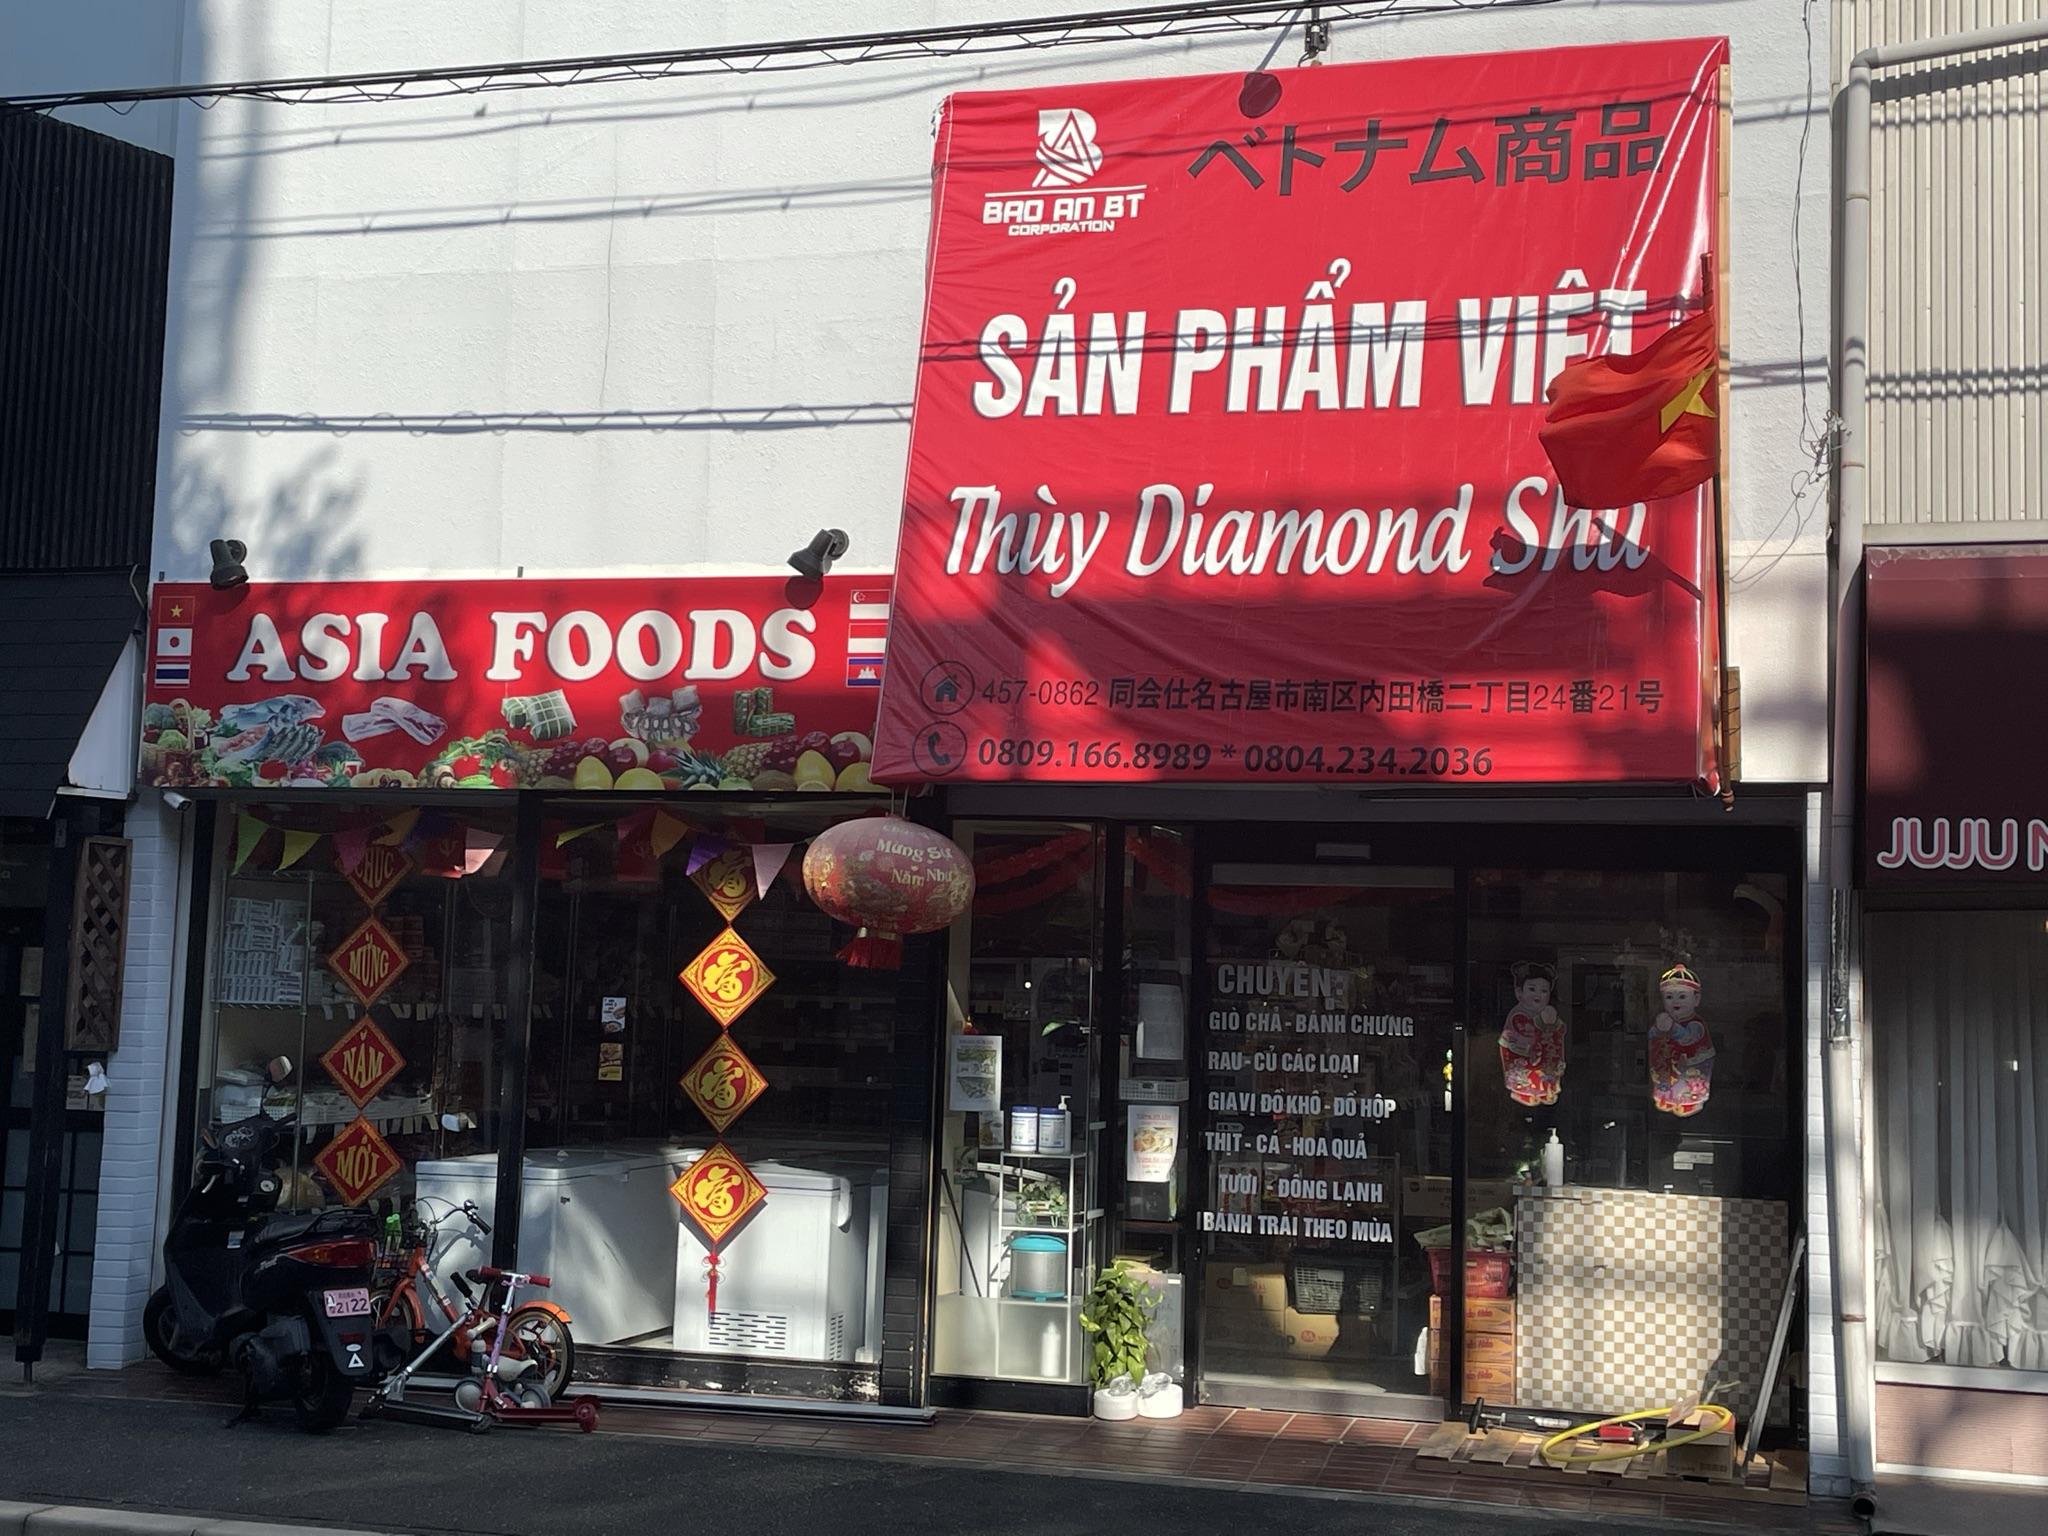 名鉄「豊田本町駅」から徒歩30秒!ベトナム食材店「SẢN PHẨM VIỆT Thùy Diamond Shu」